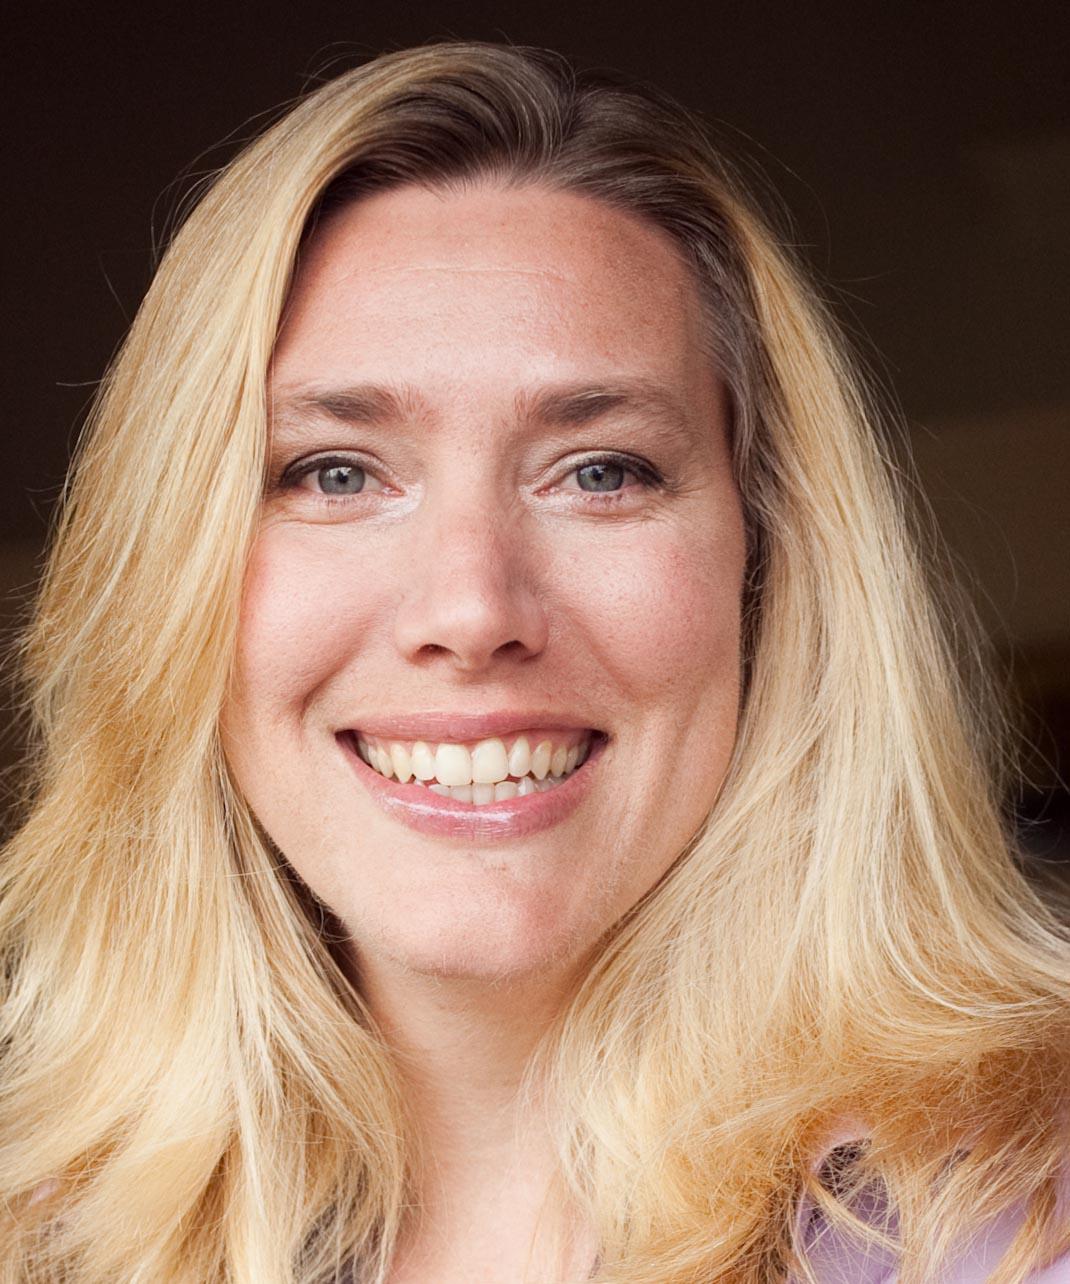 Dr Kajsa Brimdyr